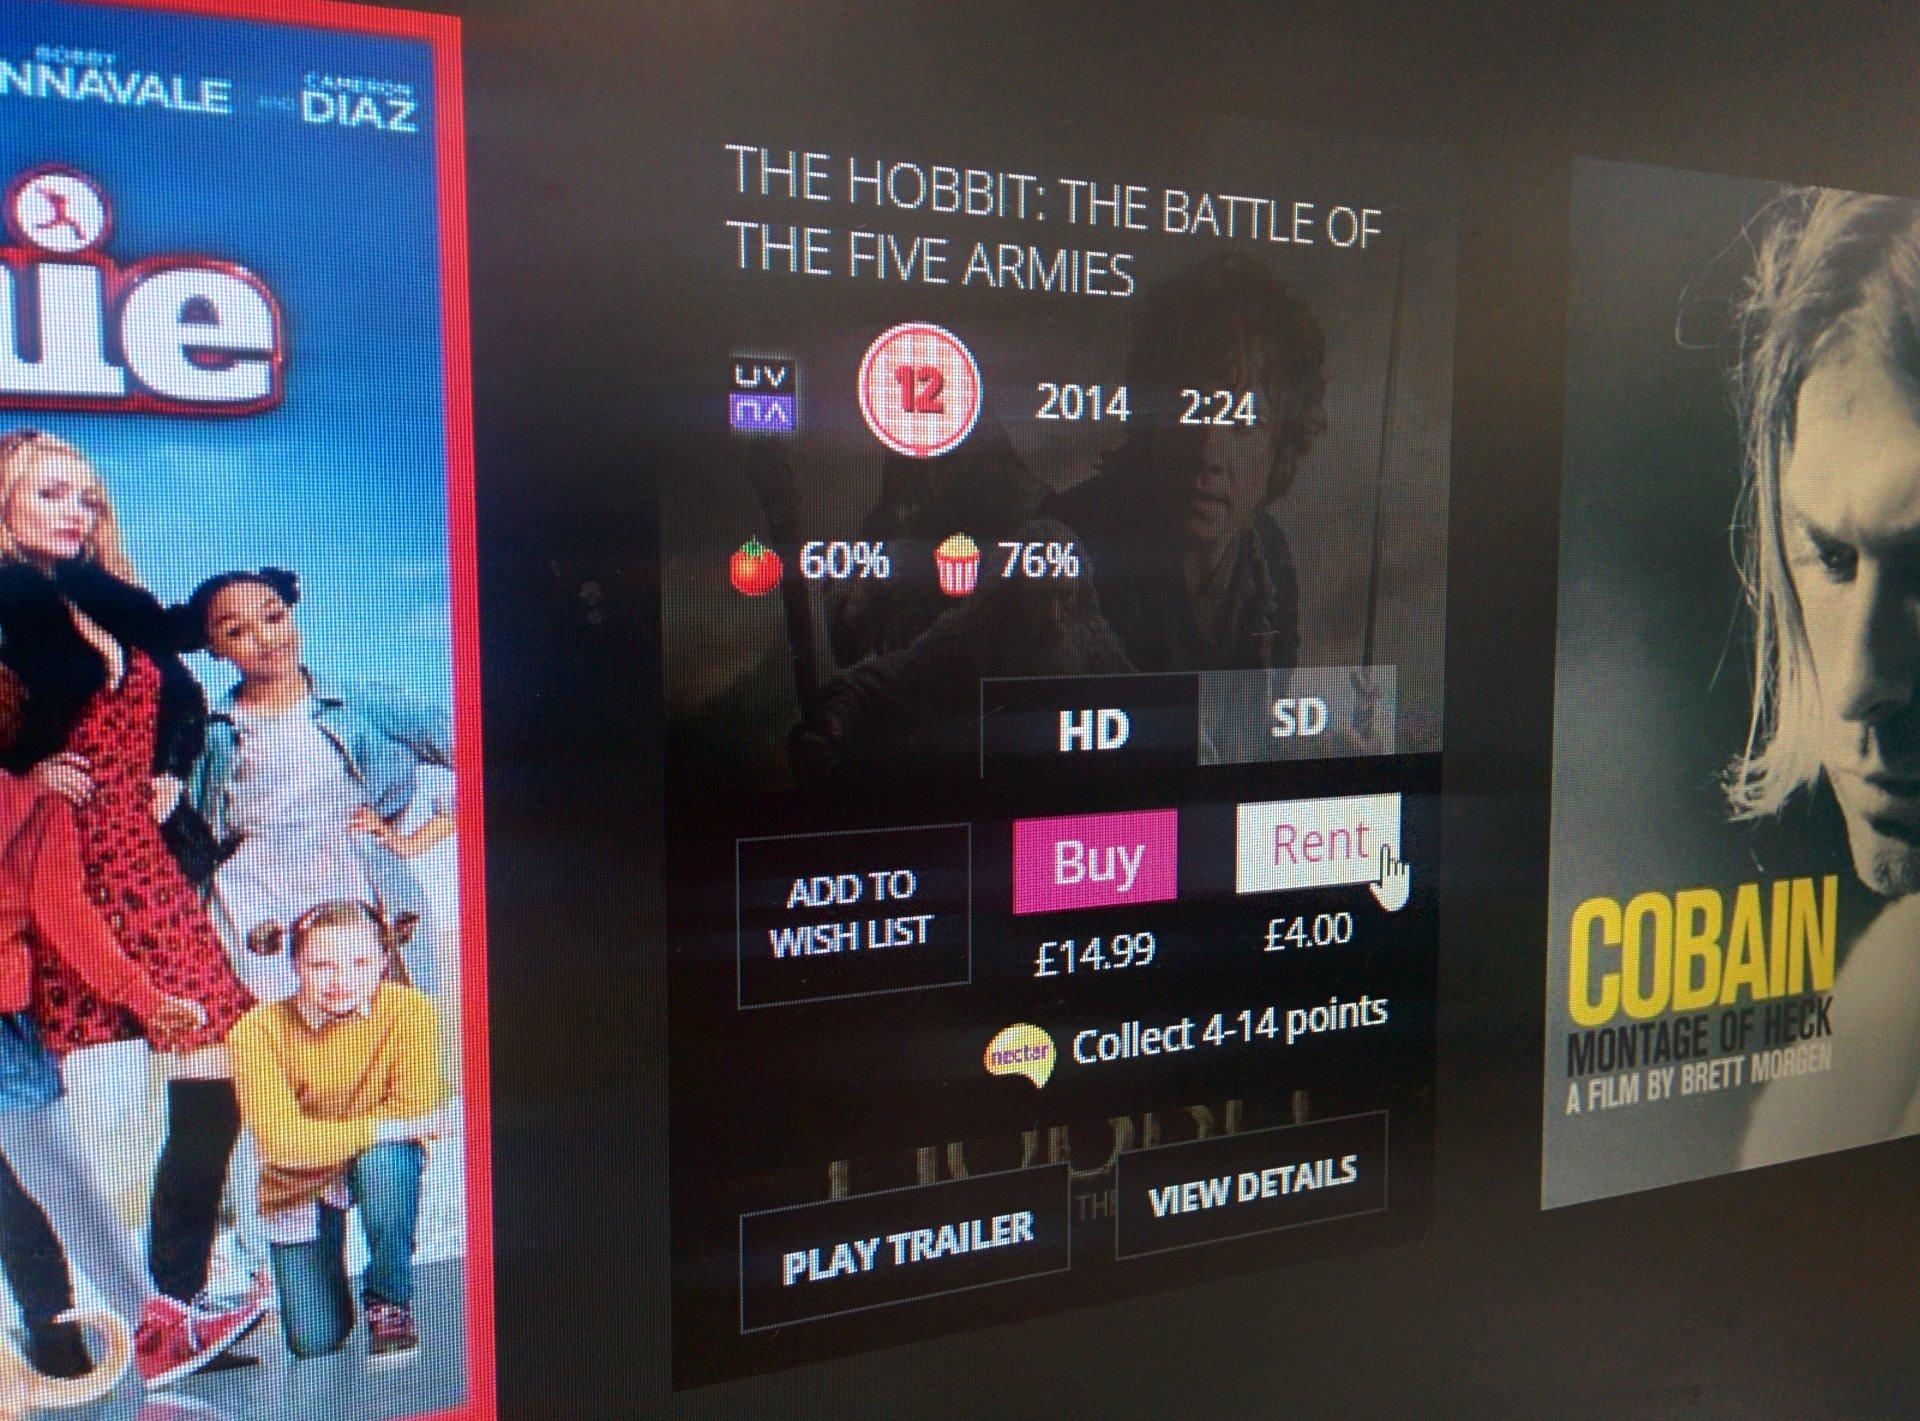 White apron sainsburys - Head To Sainsbury S Now With Chromecast Expert Reviews